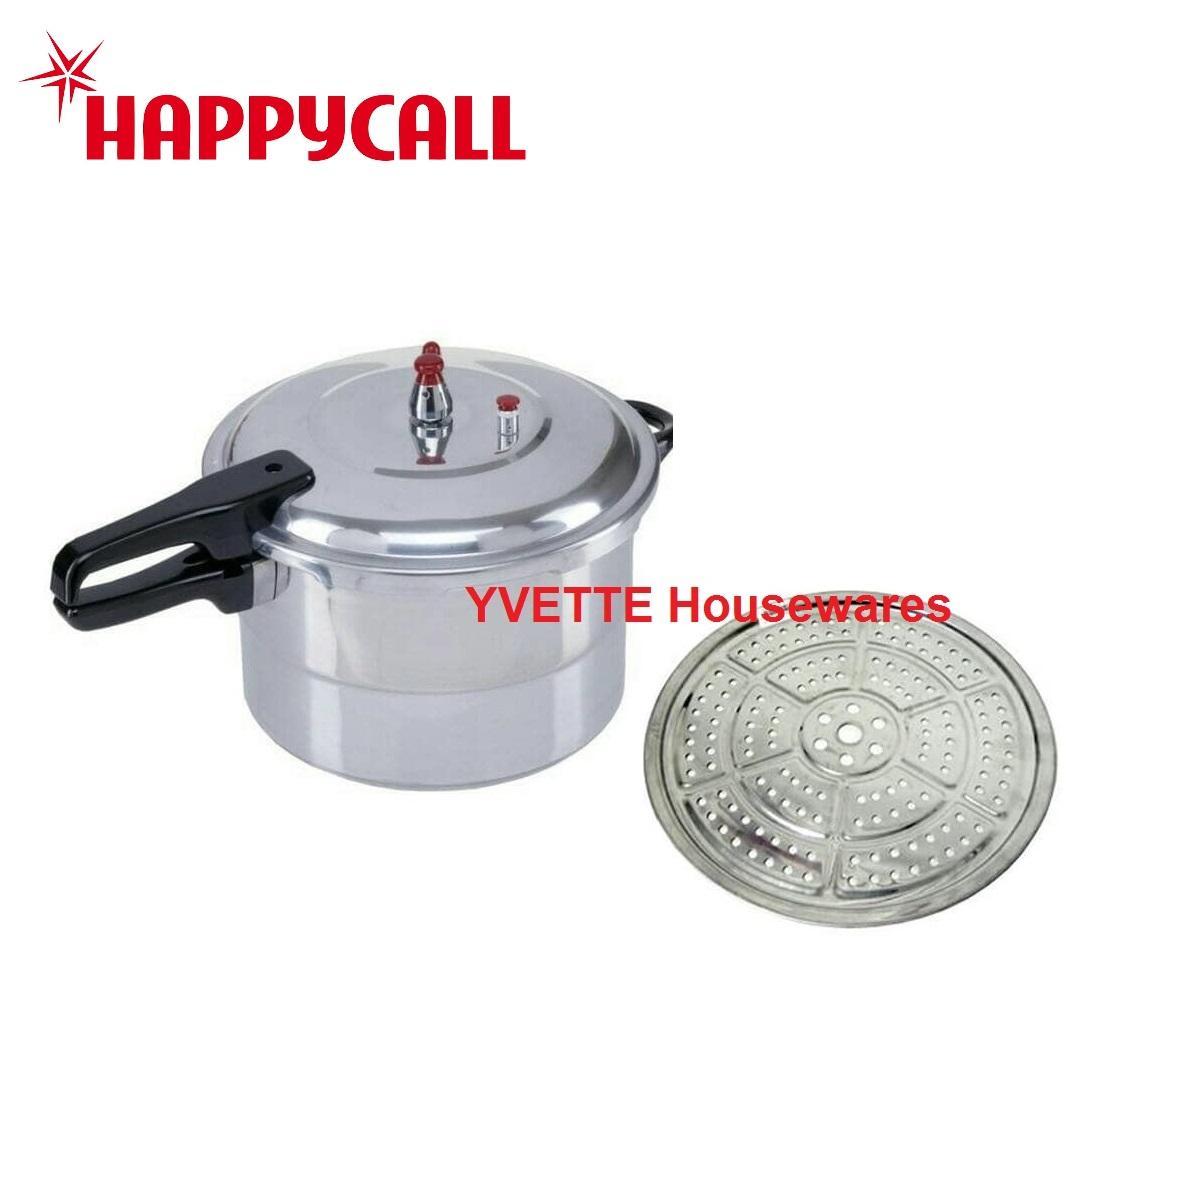 Panci Press Cooker Terlengkap Maxim Presto Pressure 24 Cm 7 L Silver Happy Call 8 Liter Bahan Kuat Kualitas Tidak Diragukan Lagi